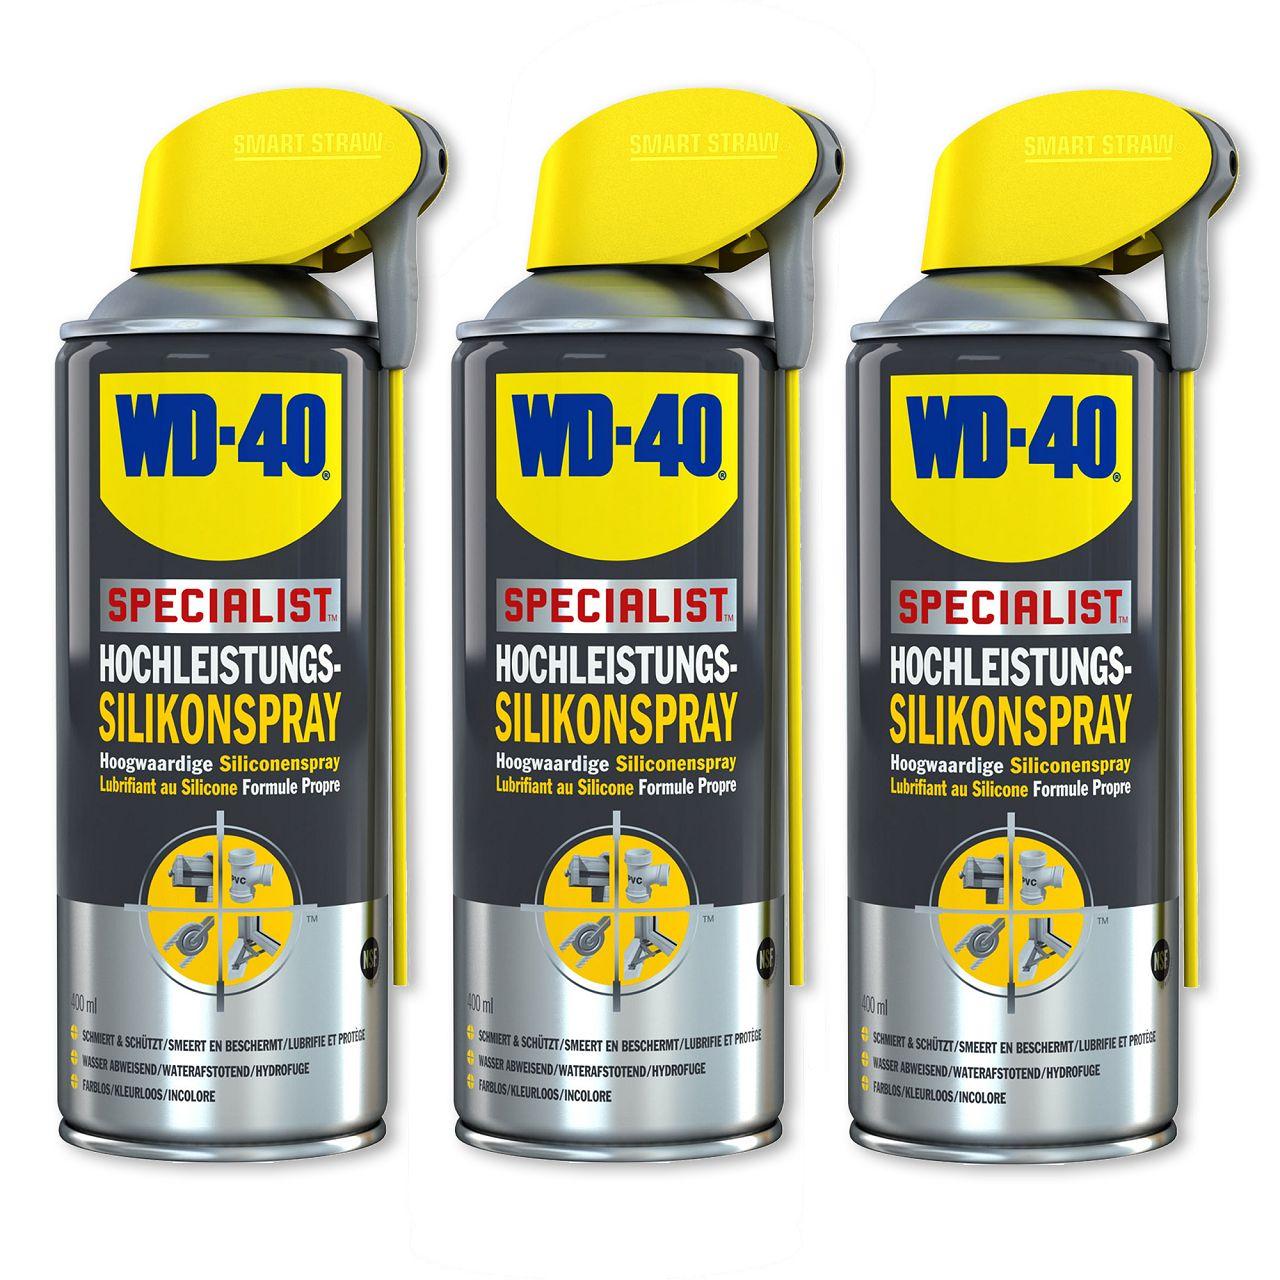 WD-40 SPECIALIST 49377 Silikonspray Hochleistungssilikonspray 3x 400ml